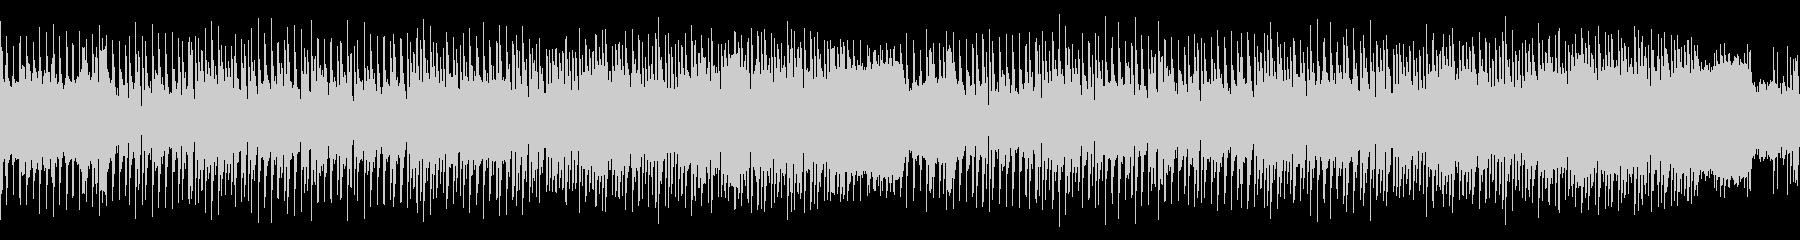 ループ・レトロゲーム風センチメンタルな曲の未再生の波形